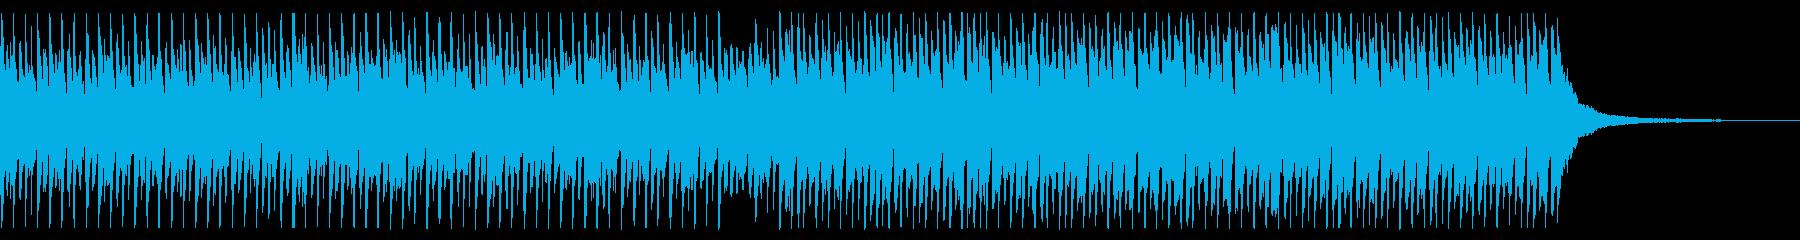 ショートver 青空 ポジティブ ピアノの再生済みの波形